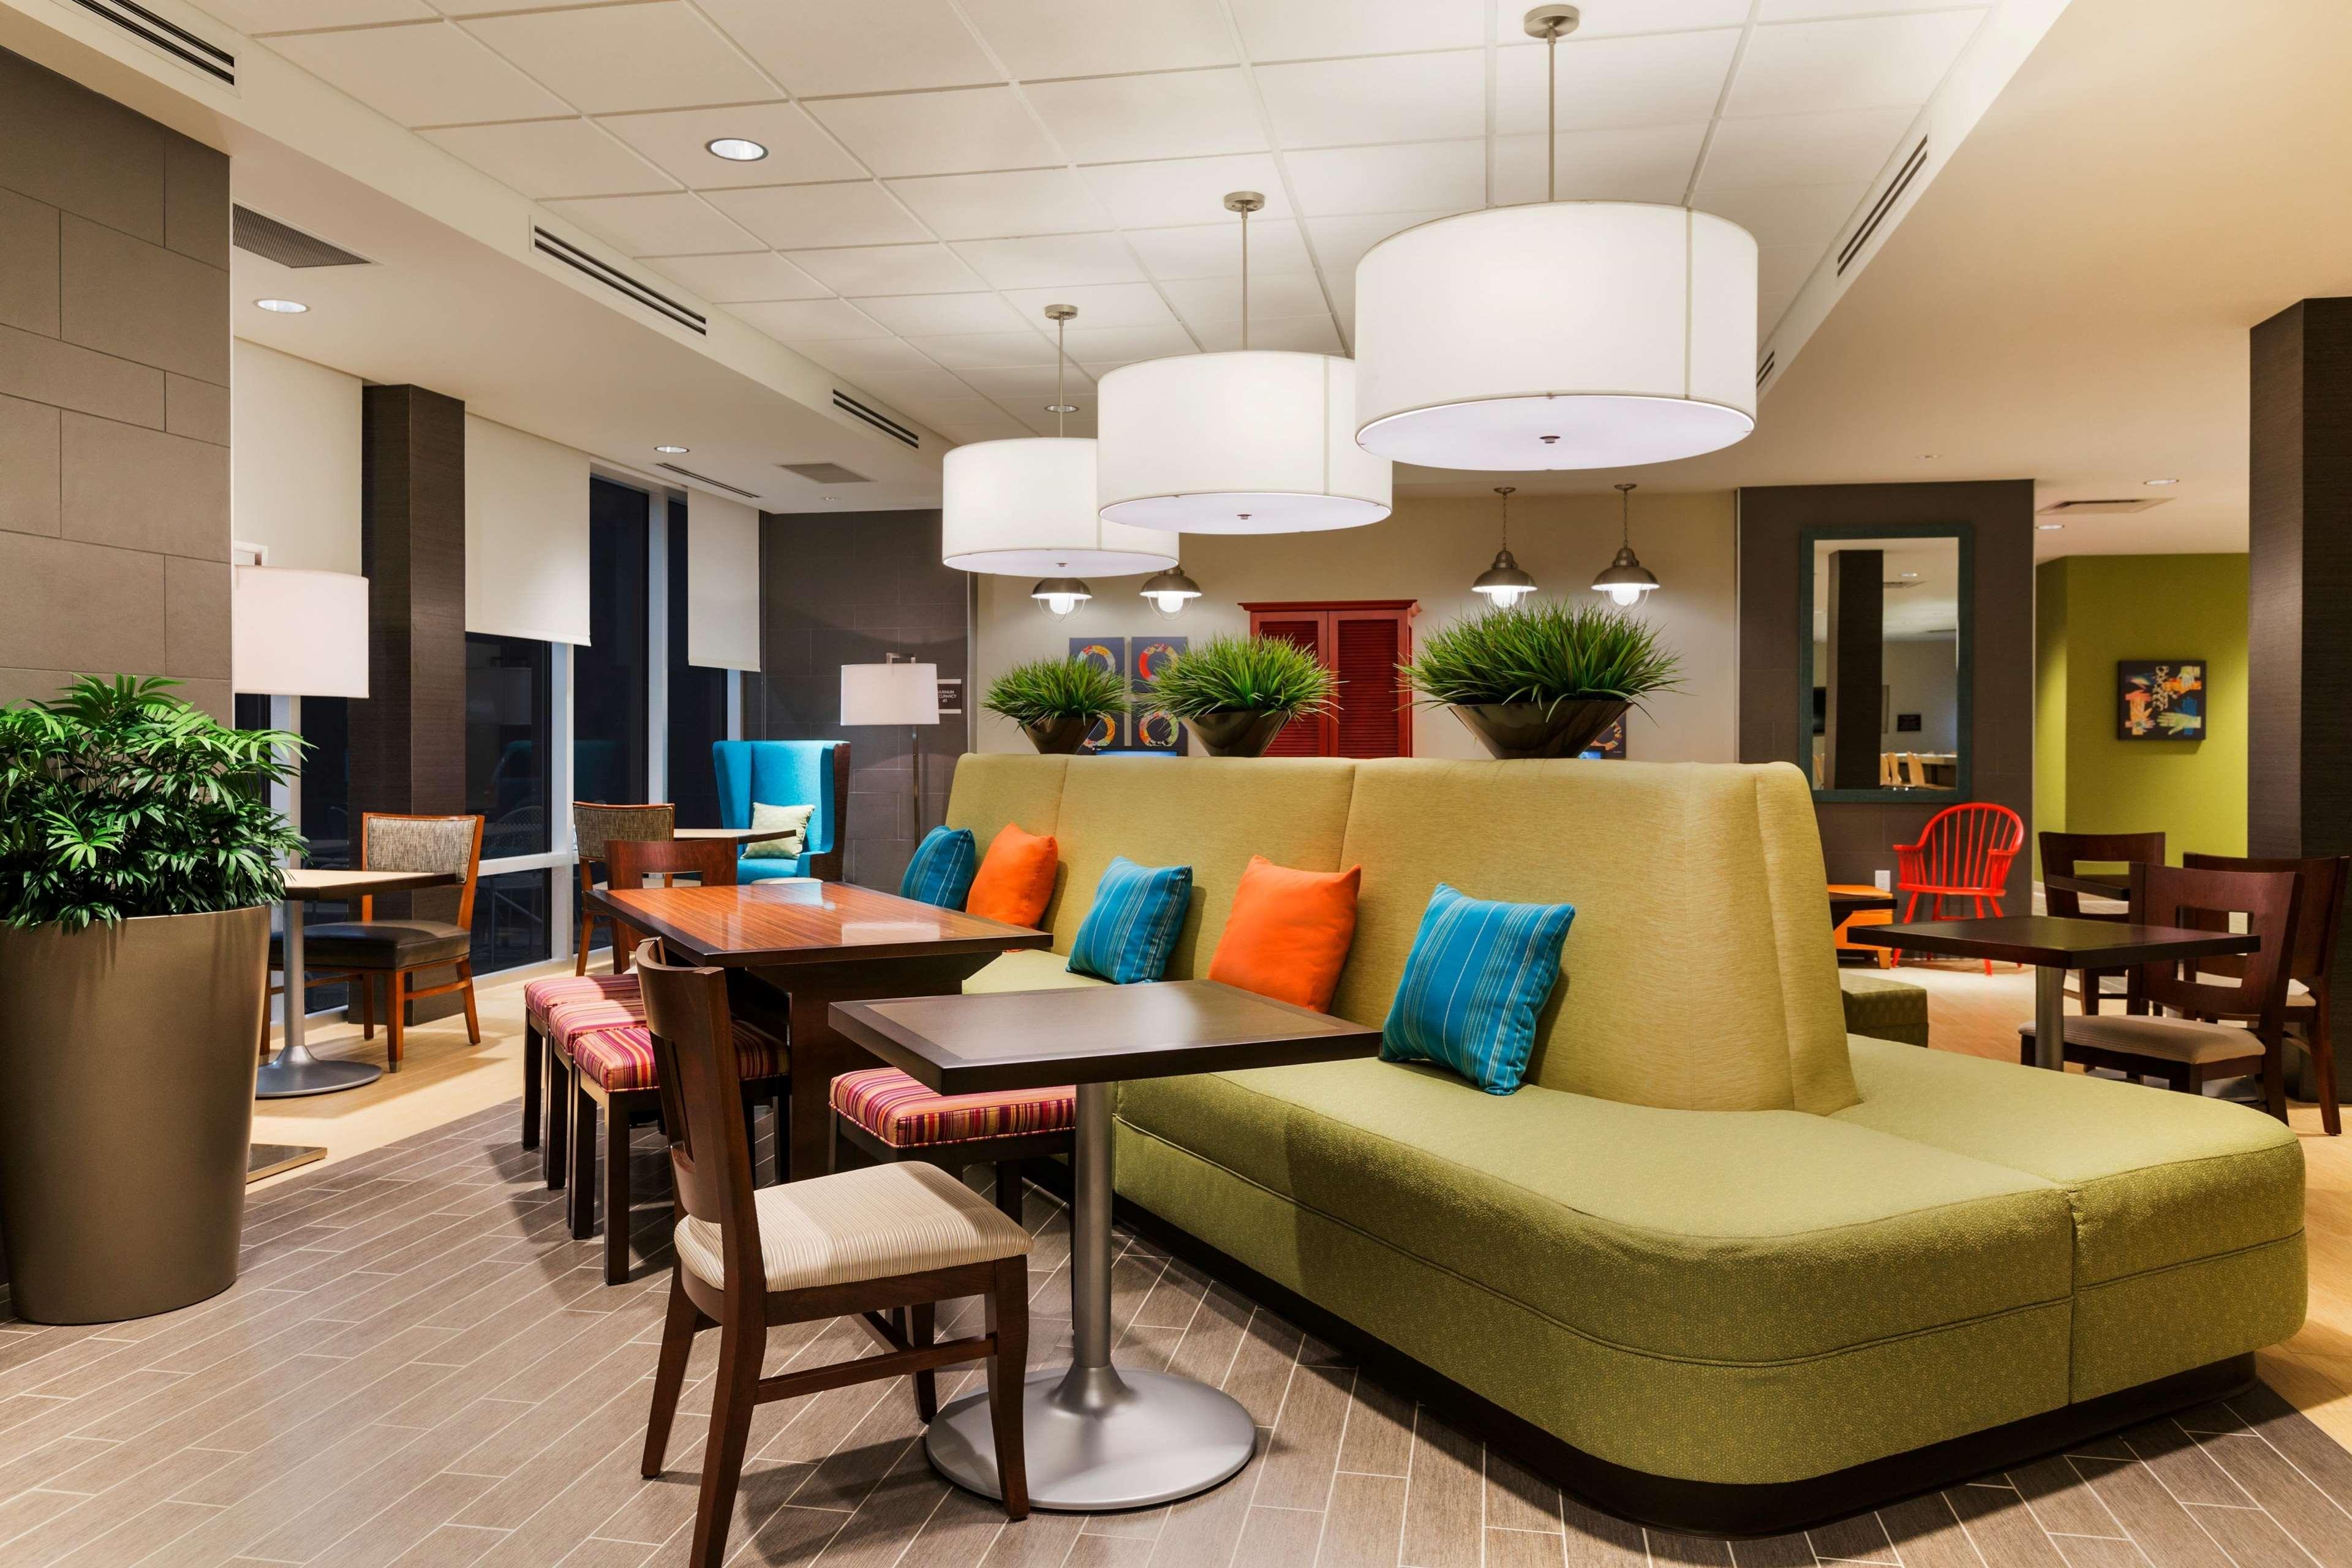 Home2 Suites by Hilton West Edmonton, Alberta, Canada à Edmonton: Oasis Lobby